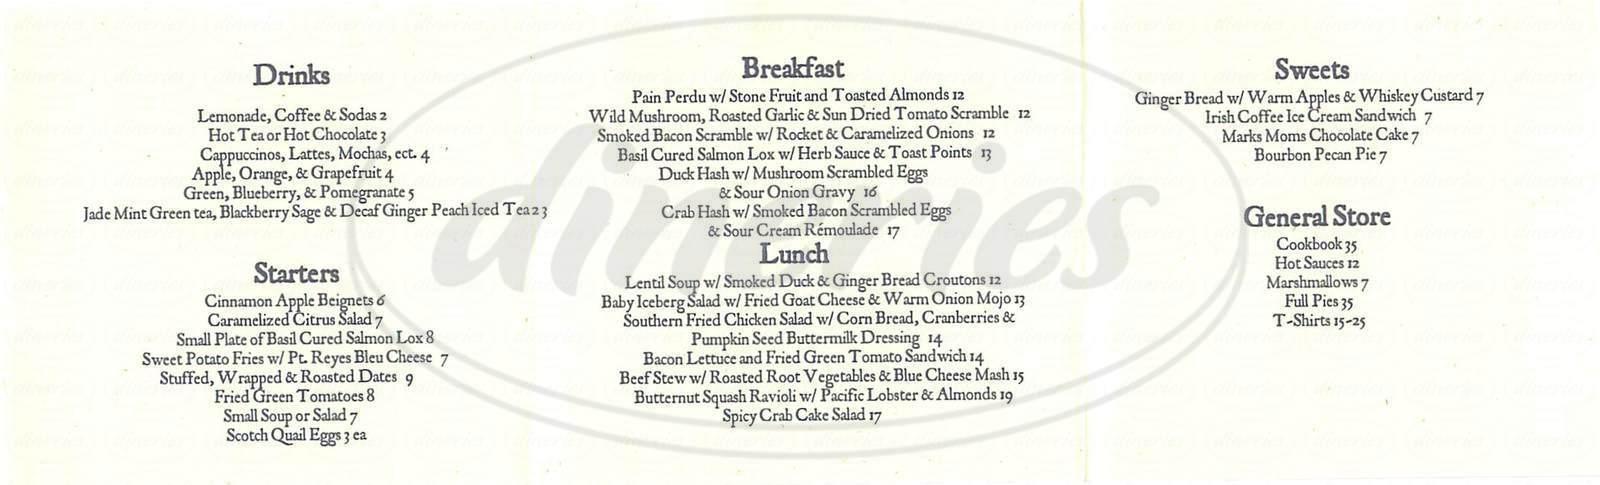 menu for Ramos House Café